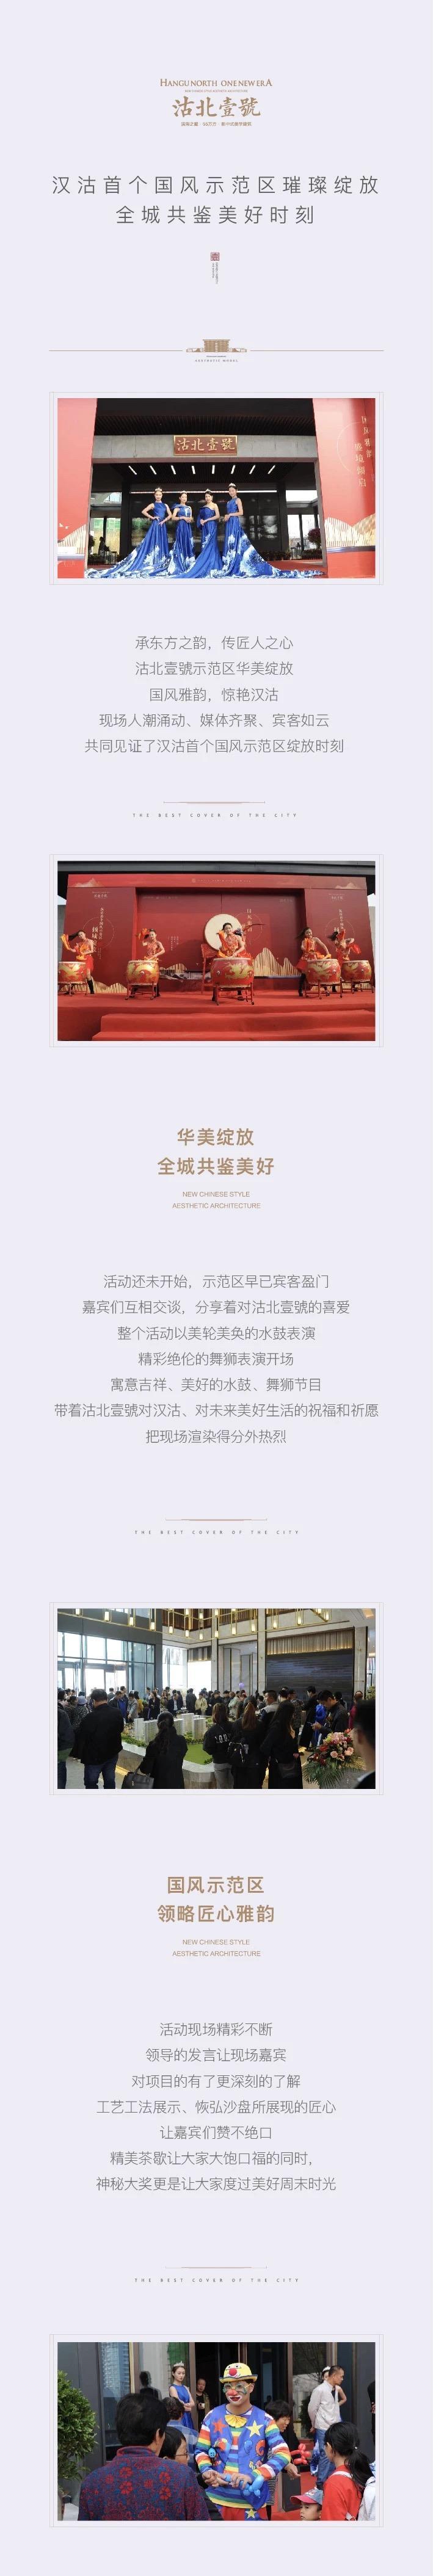 沽北壹號 |汉沽首 个国风示范区璀璨绽放 全程共鉴美好